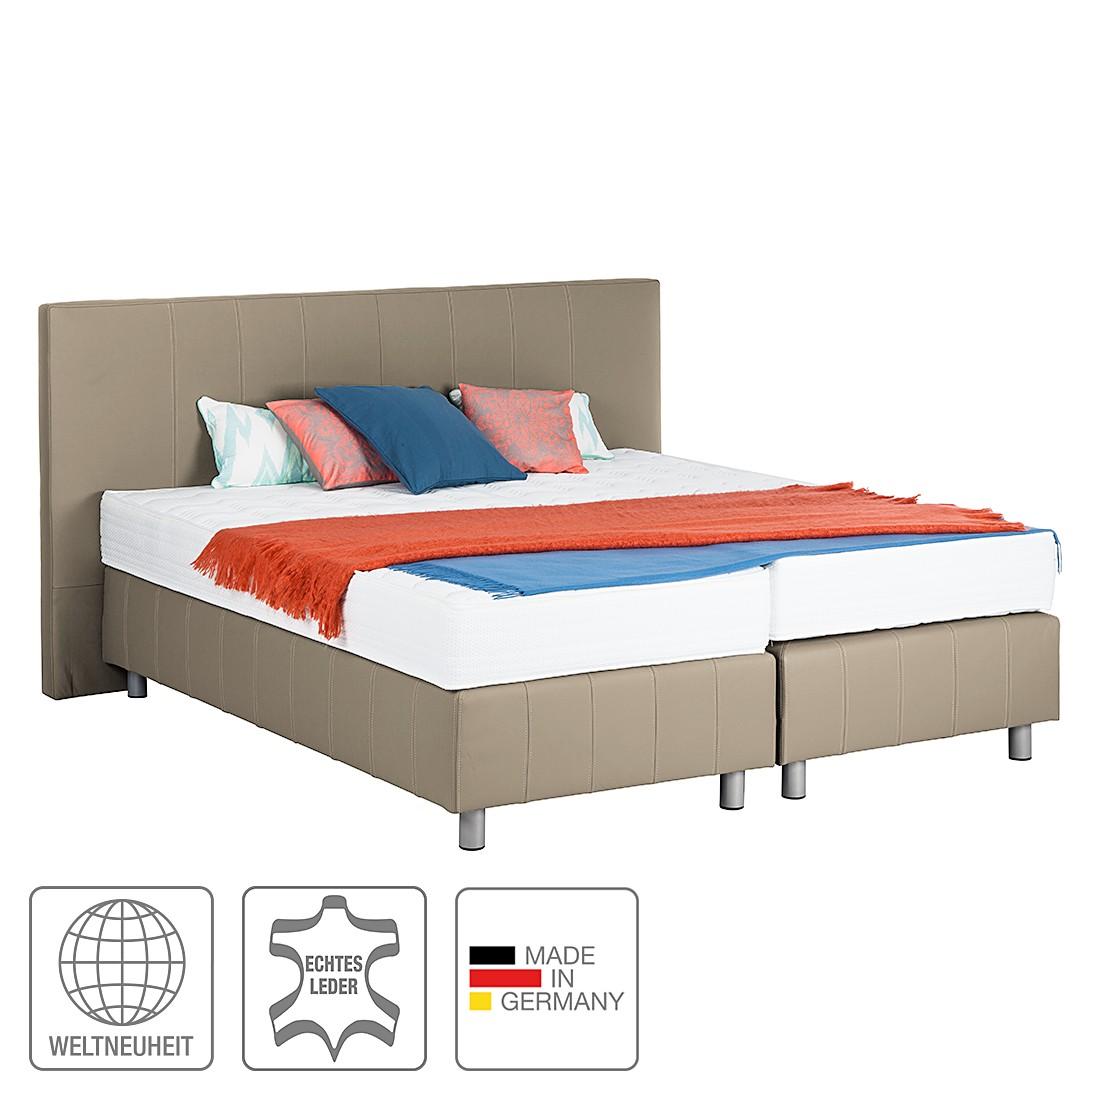 Boxspringbett Atlanta (Echtleder) - Ohne Topper - 200 x 200cm - H3 ab 80 kg - Schlamm, Art of Sleep